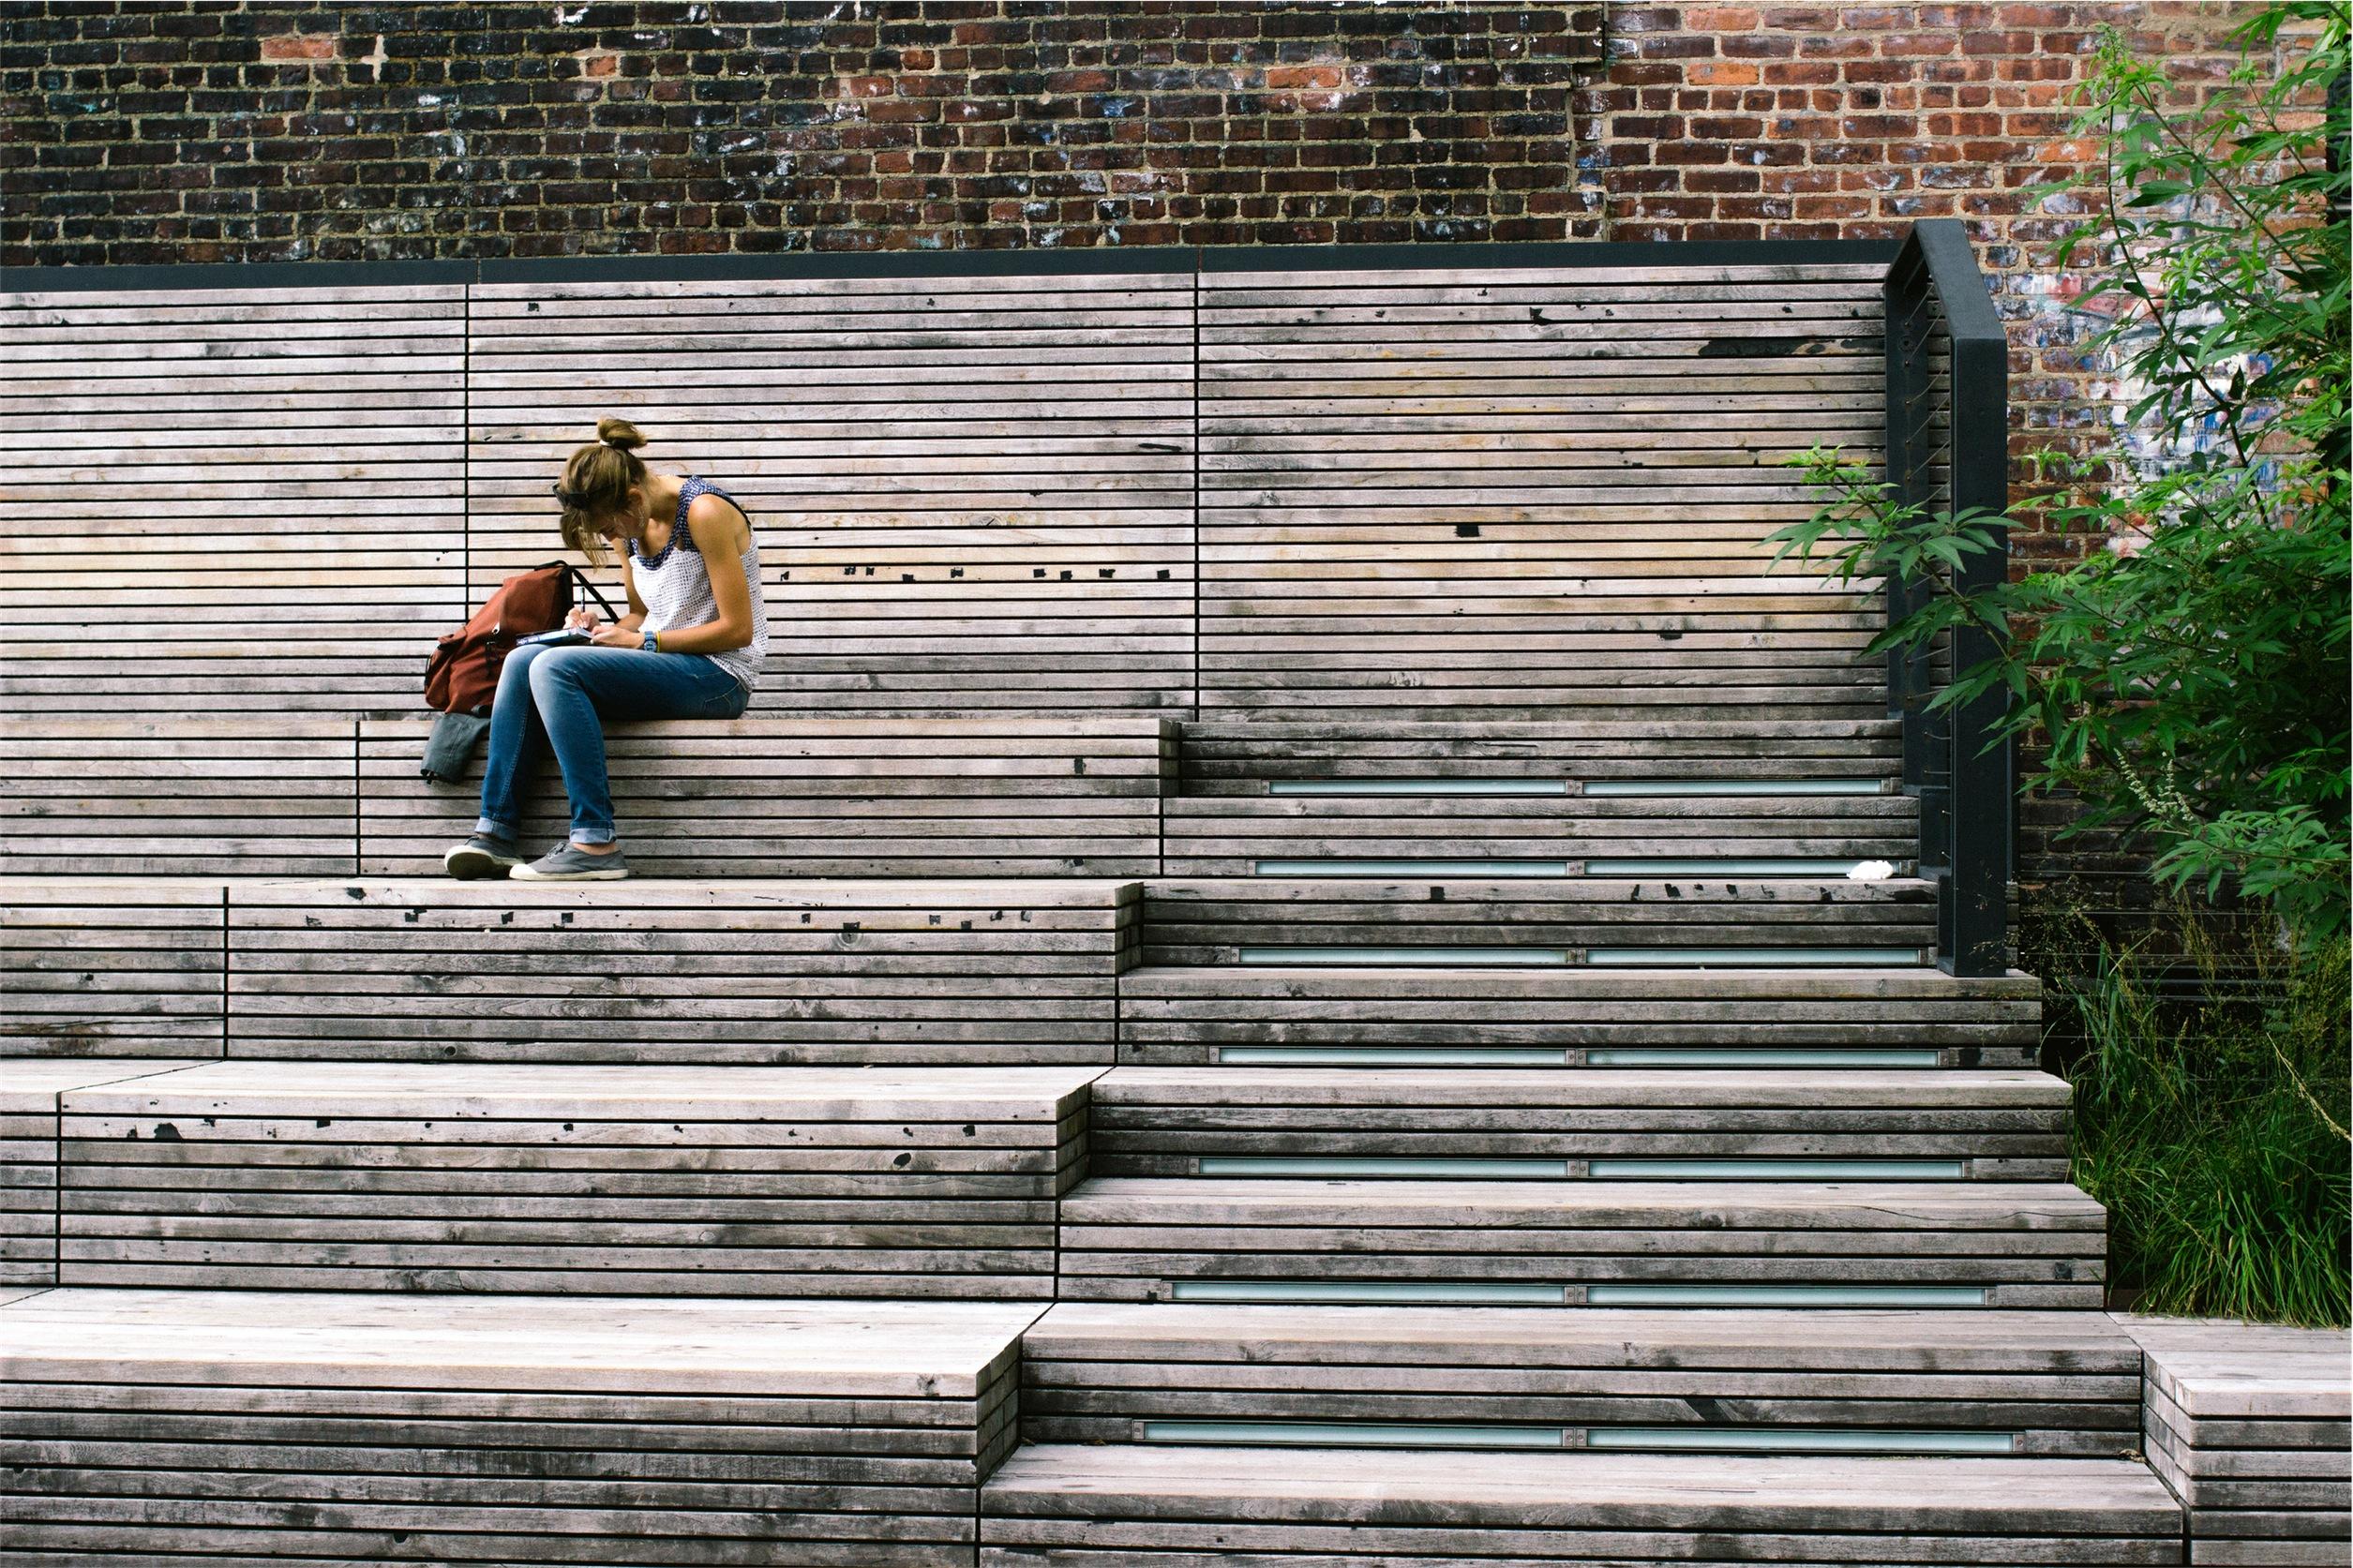 Cyberbullying: arctalanul megtorolni az iskolai sérelmeket